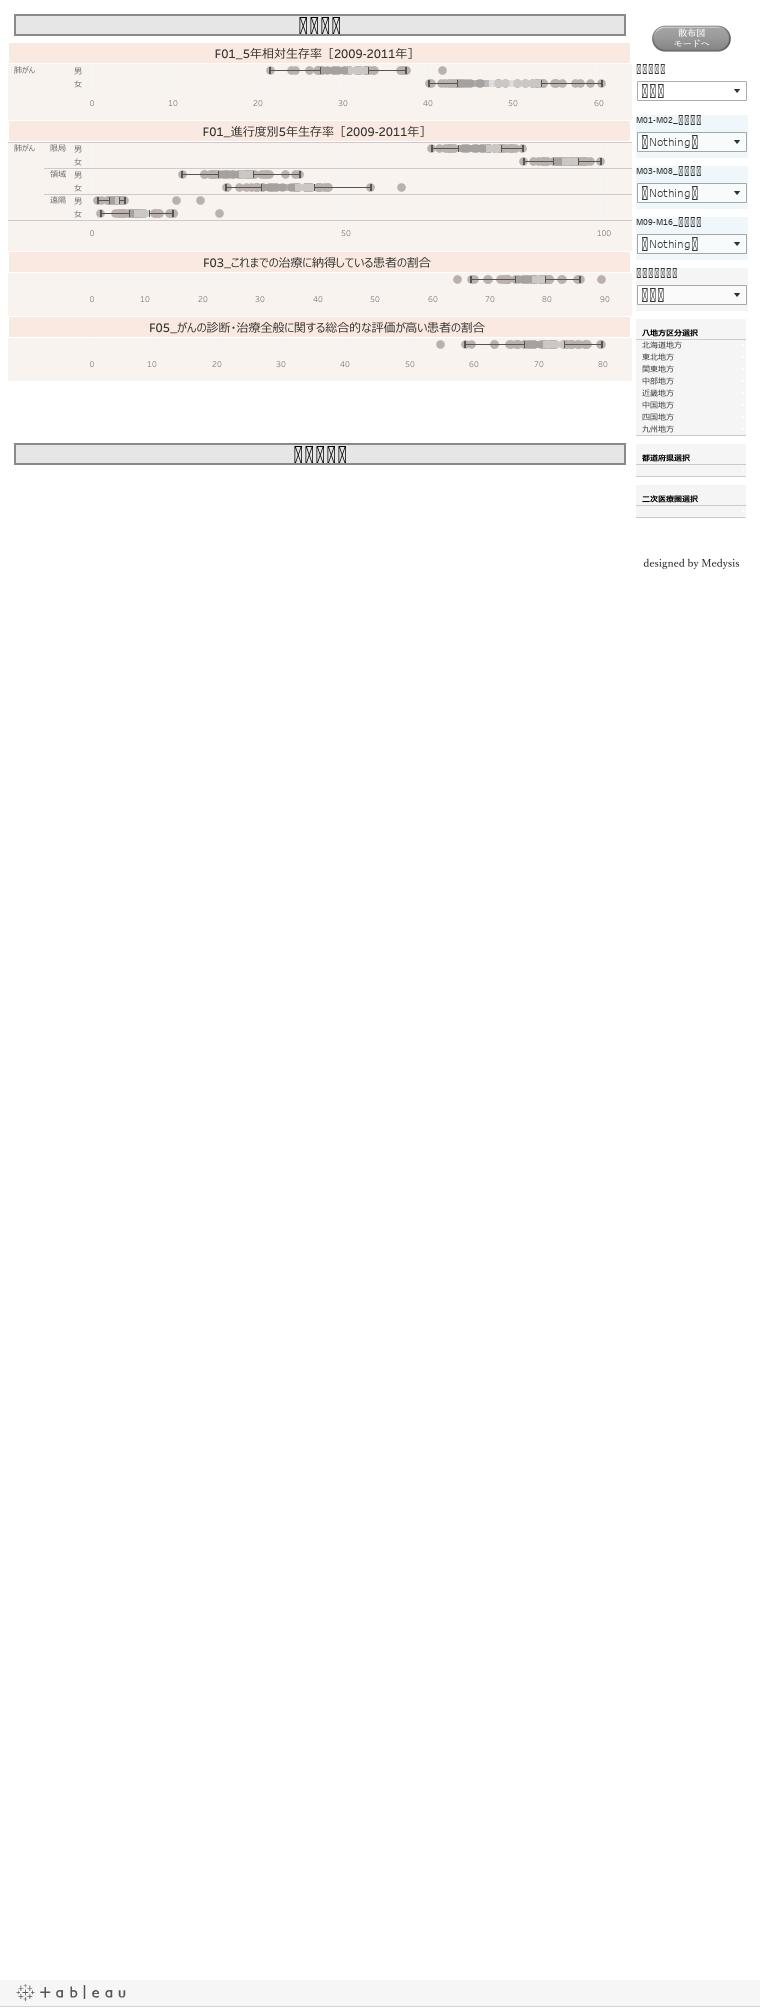 【がん分野】医療提供体制の分野/中間アウトカム